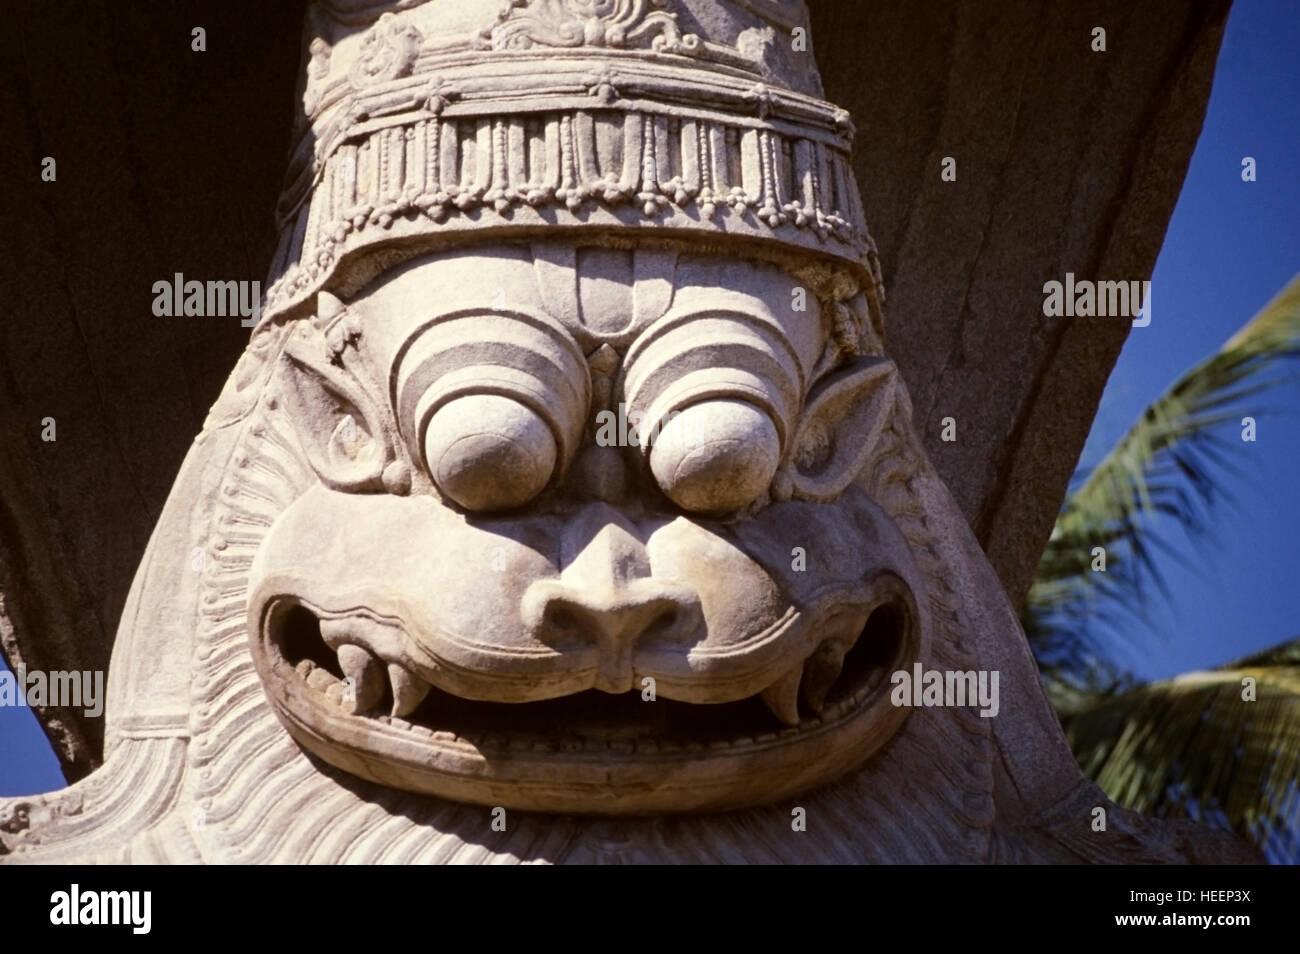 Narsimha idol at Hampi, Vijaynagar, Karnataka, India Stock Photo